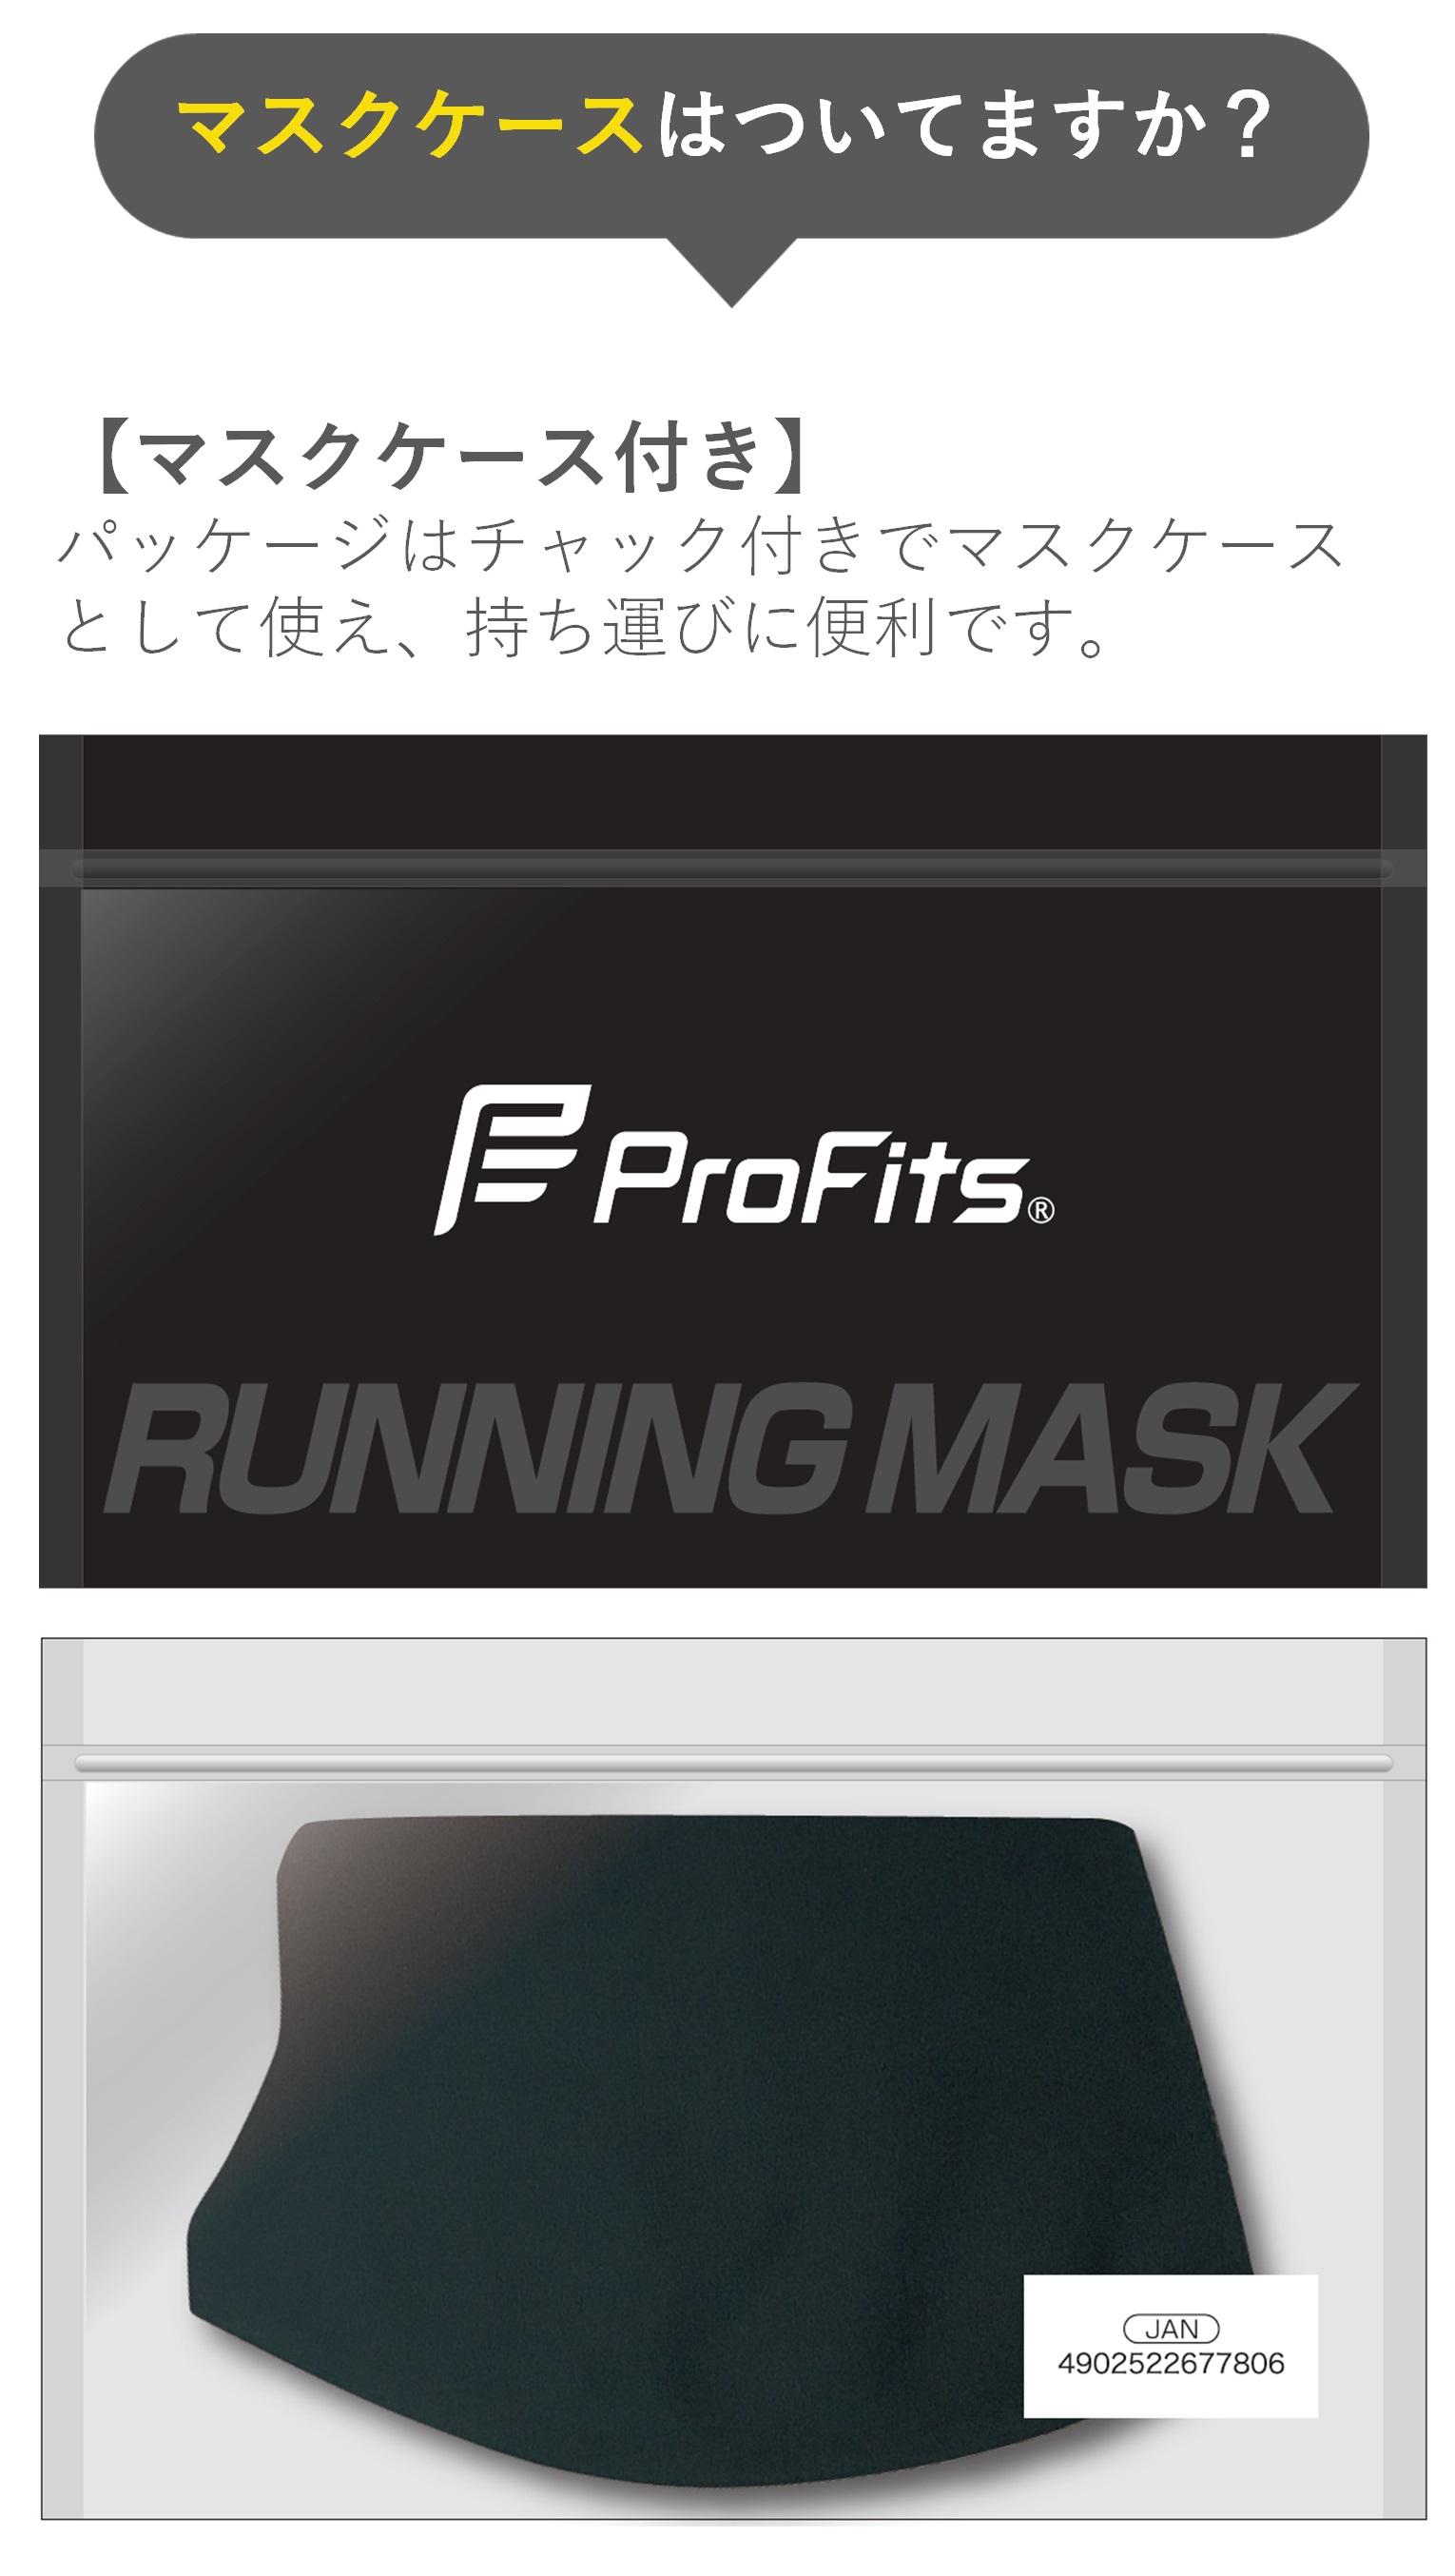 マスクケースはついてますか? 【マスクケース付き】パッケージはチャック付きでマスクケースとして使え、持ち運びに便利です。